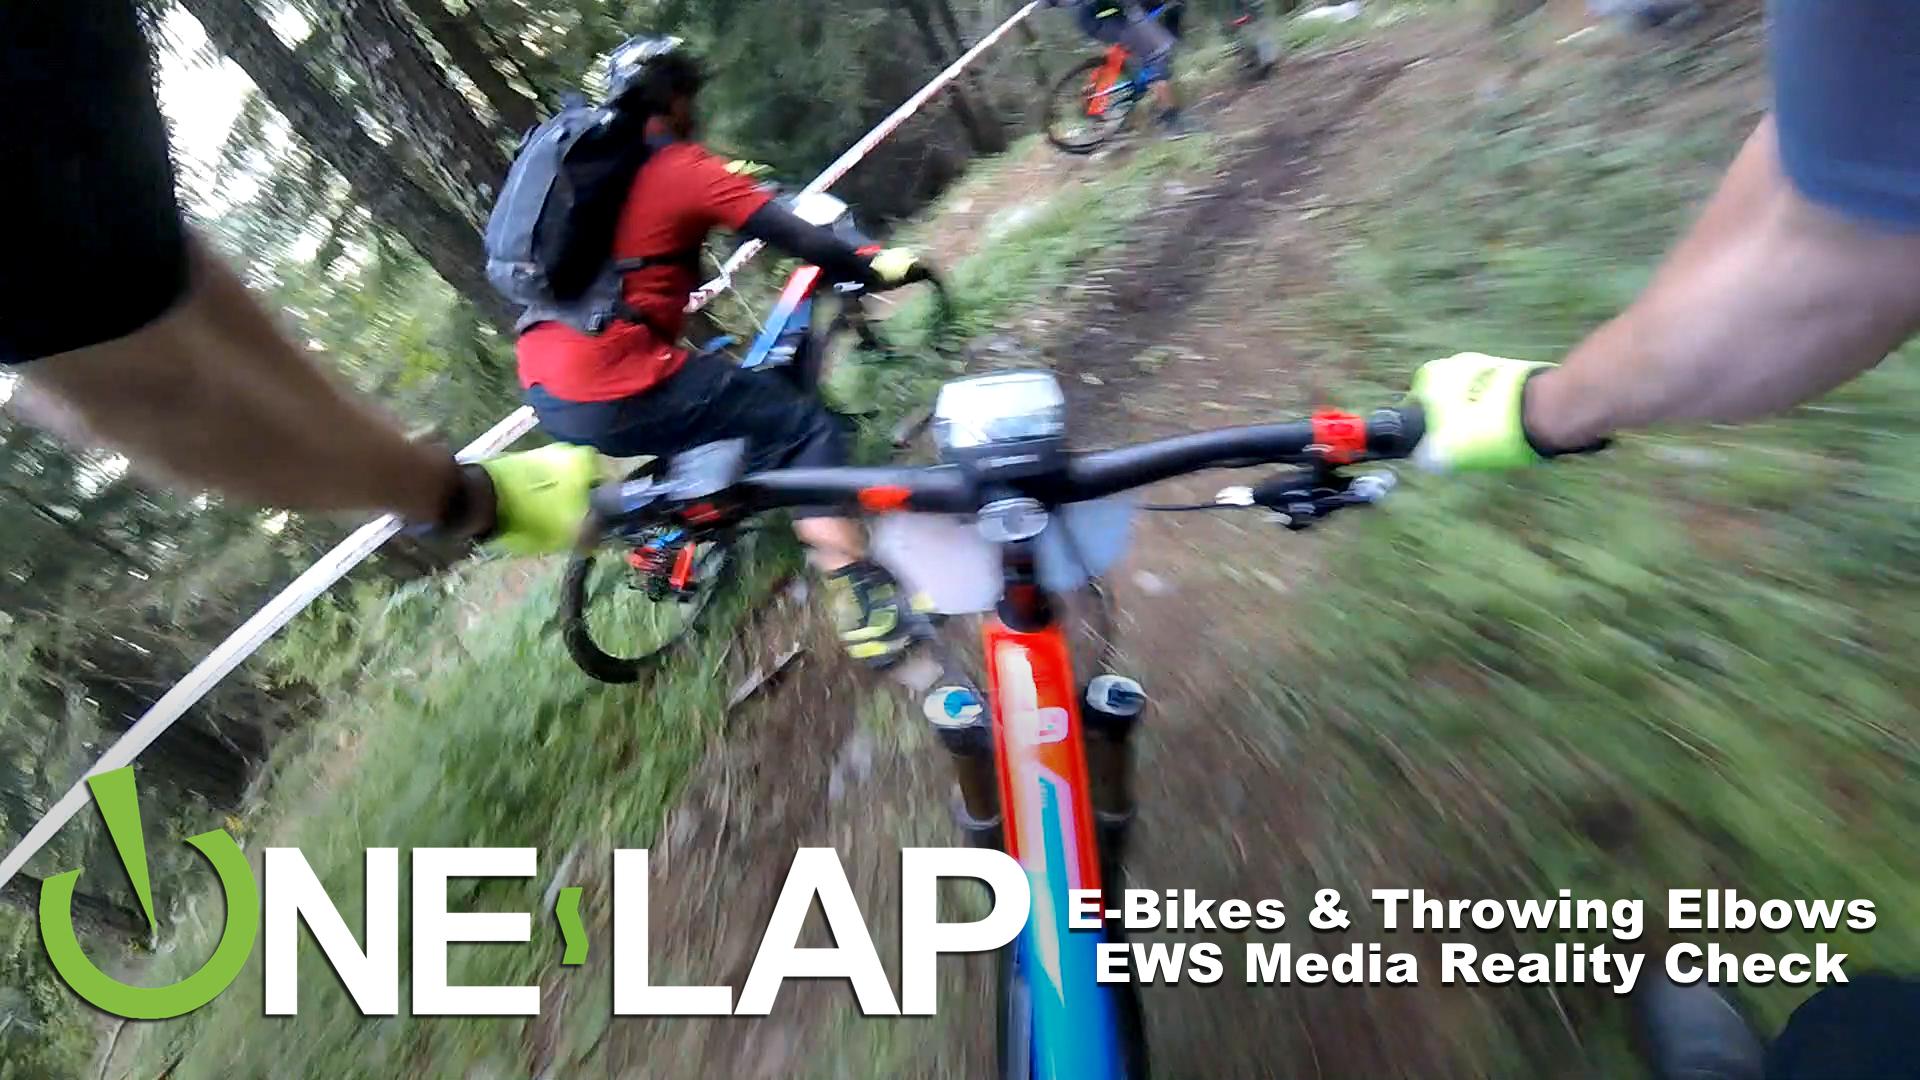 ONE LAP - E-Bikes & Throwing Elbows, EWS Media Reality Check